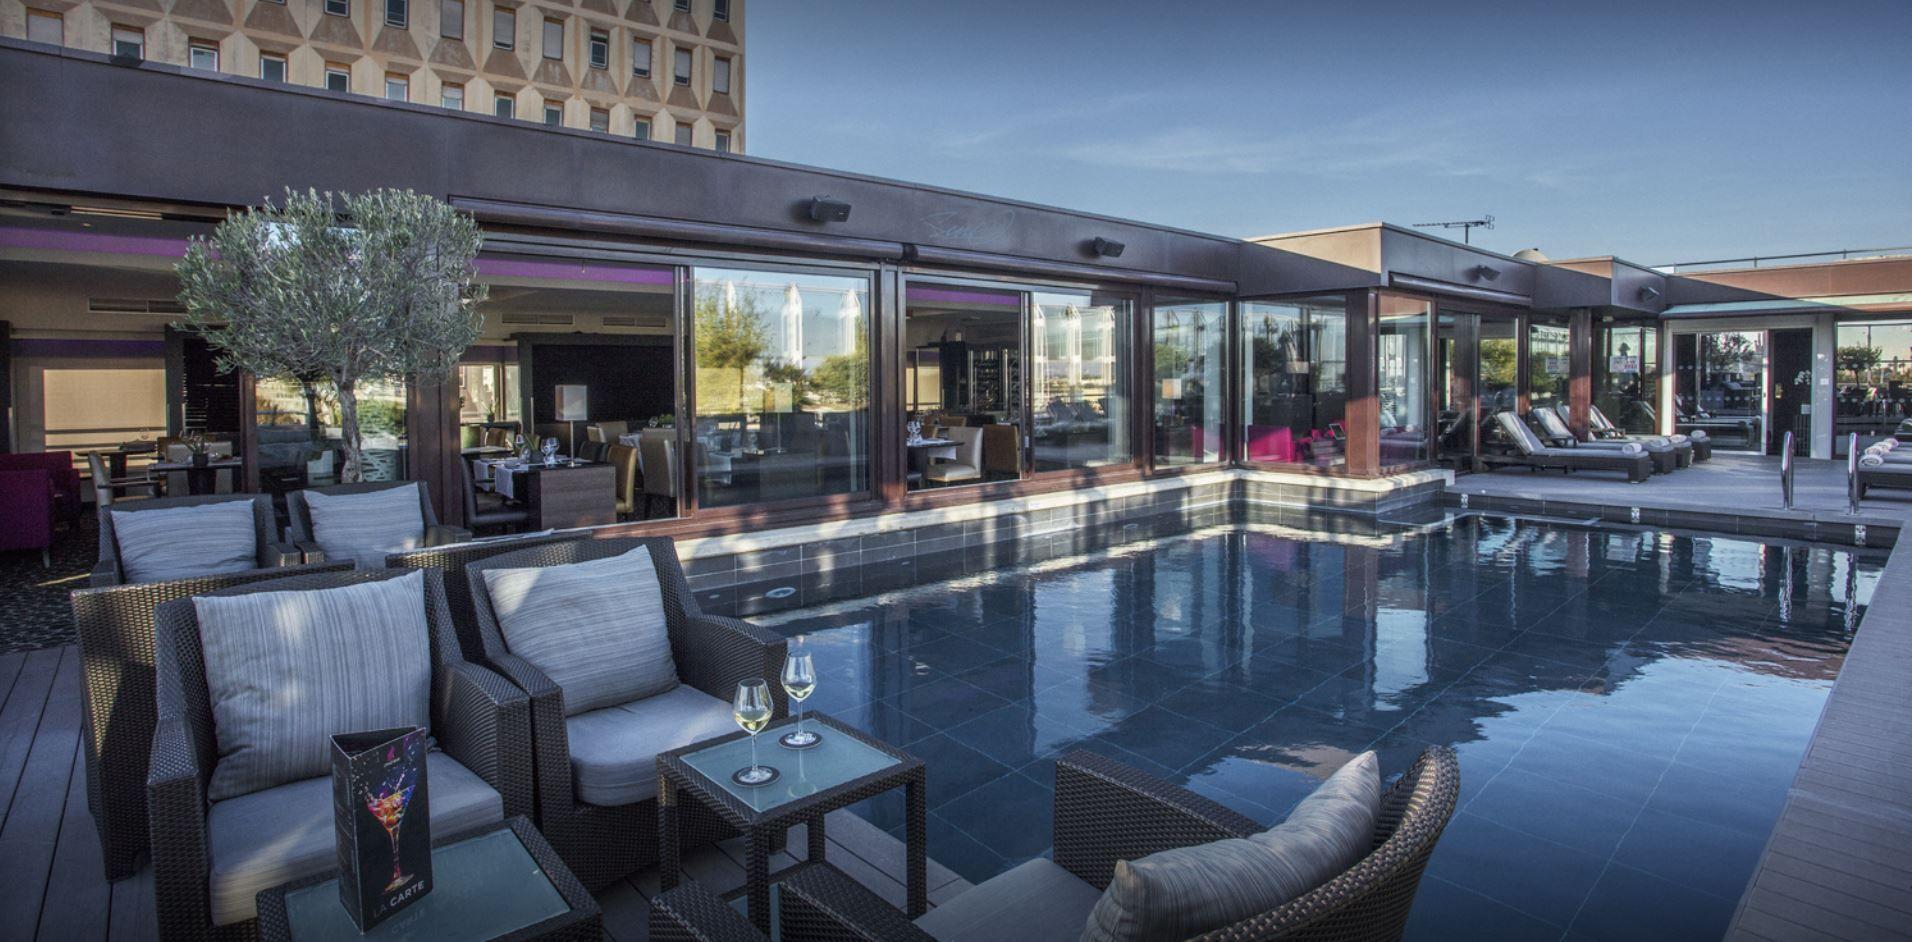 Vue sur le restaurant et la piscine du restaurant 'Le Vertigo'